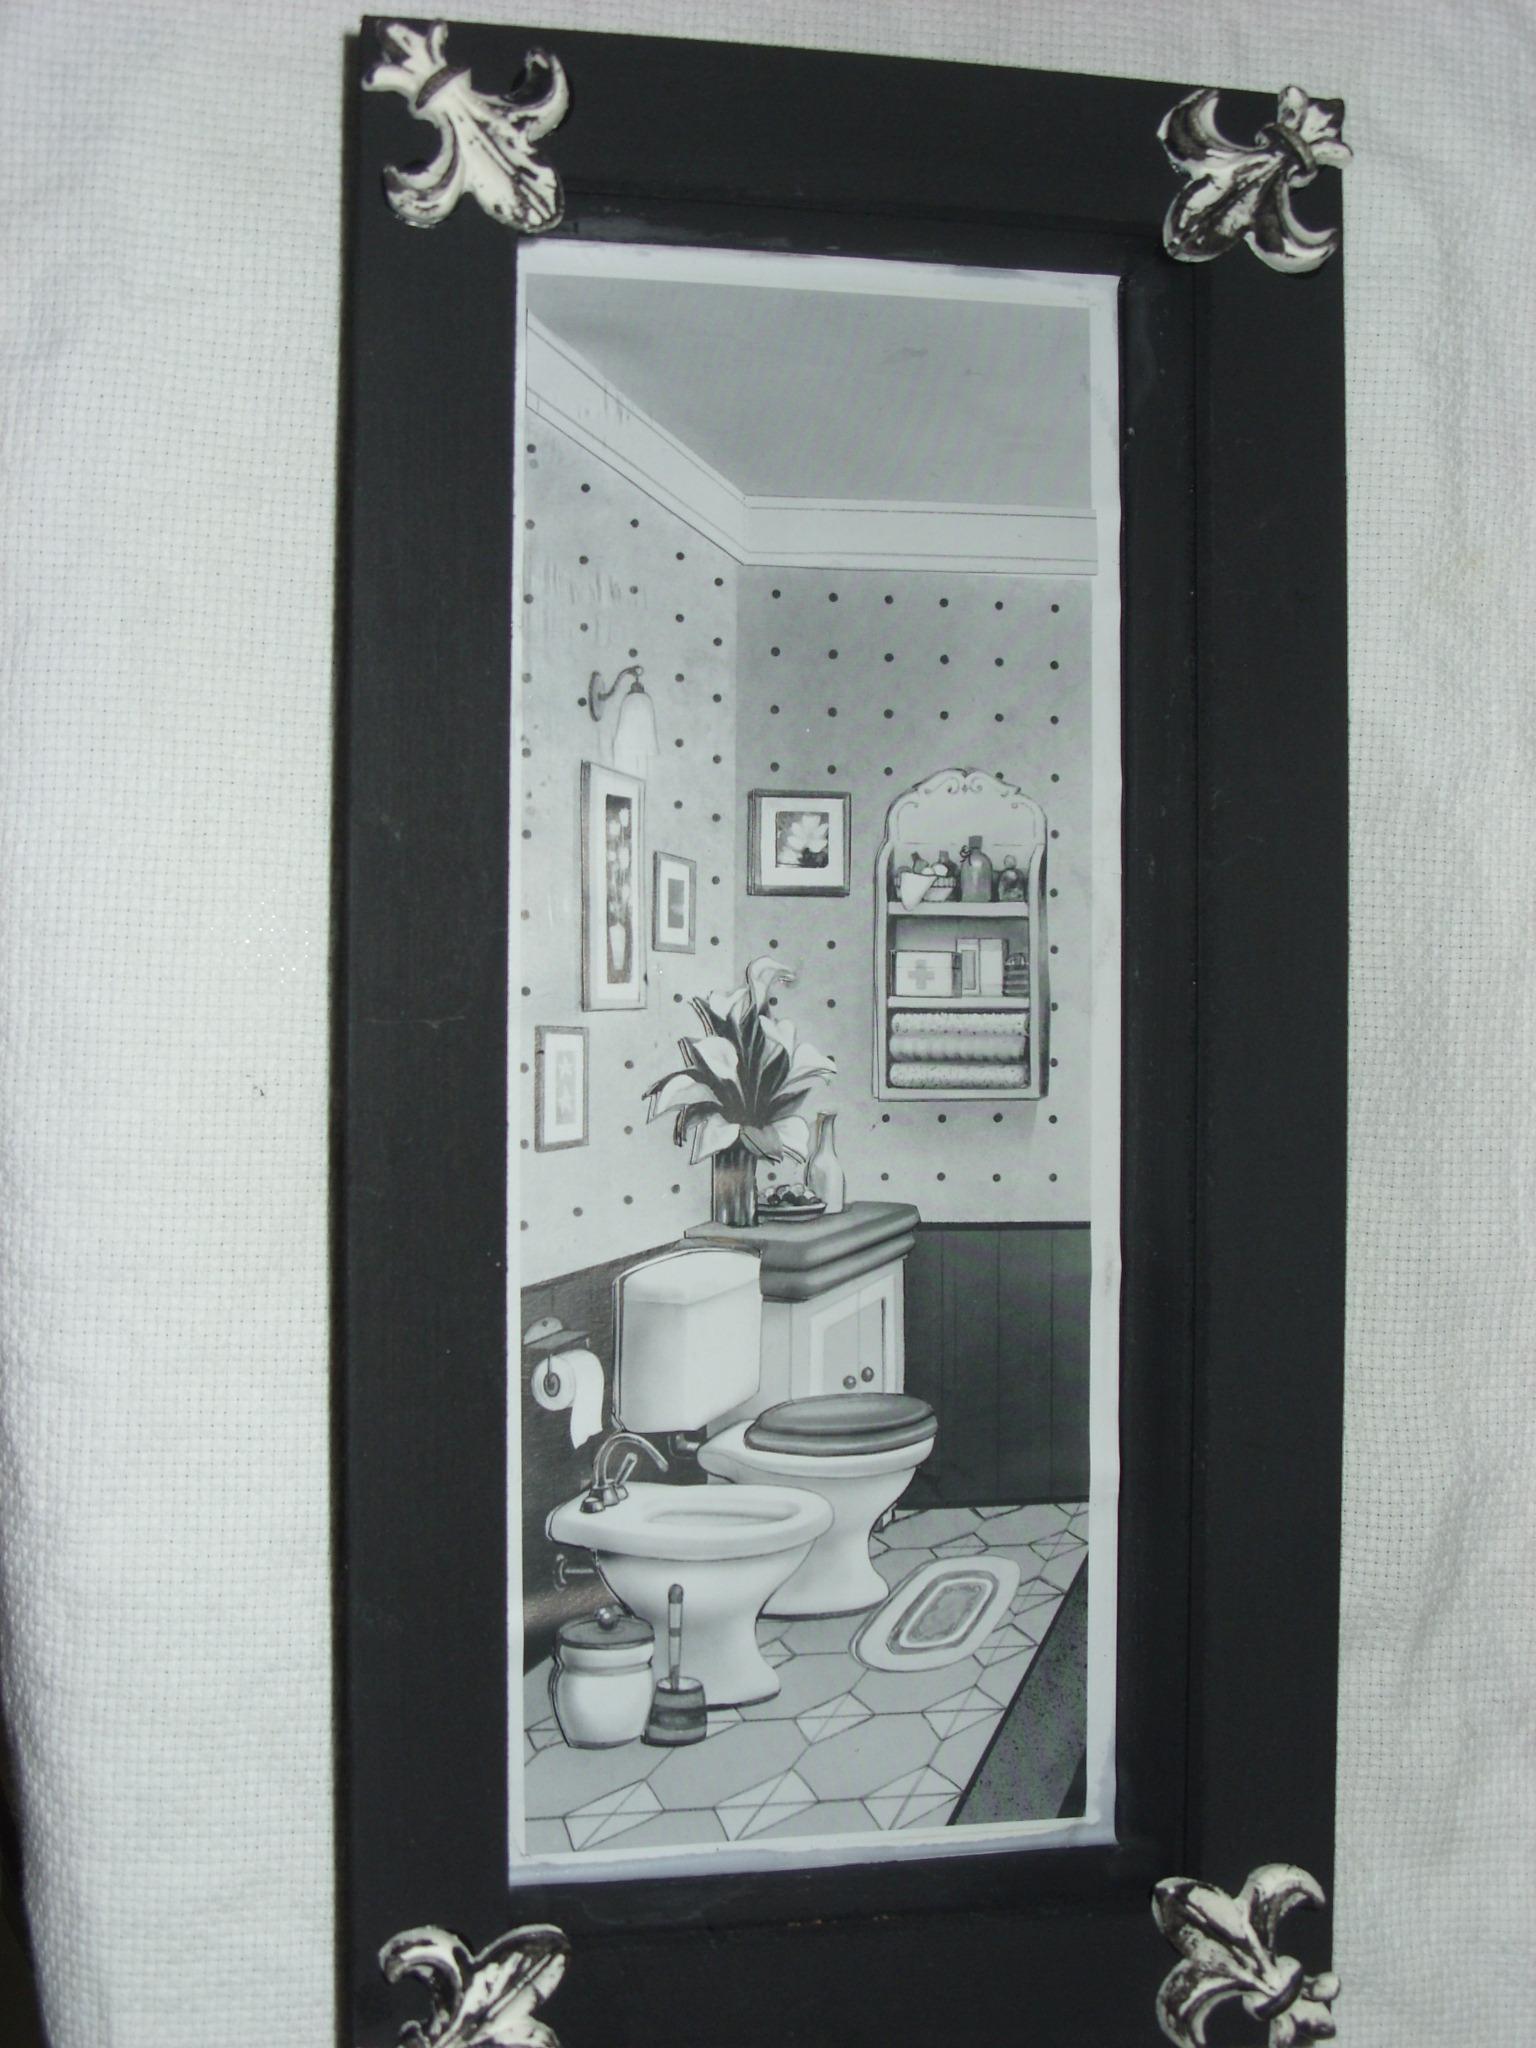 banheiro quadros:Quadros de banheiro Quadros de banheiro Quadros  #595C50 1536 2048